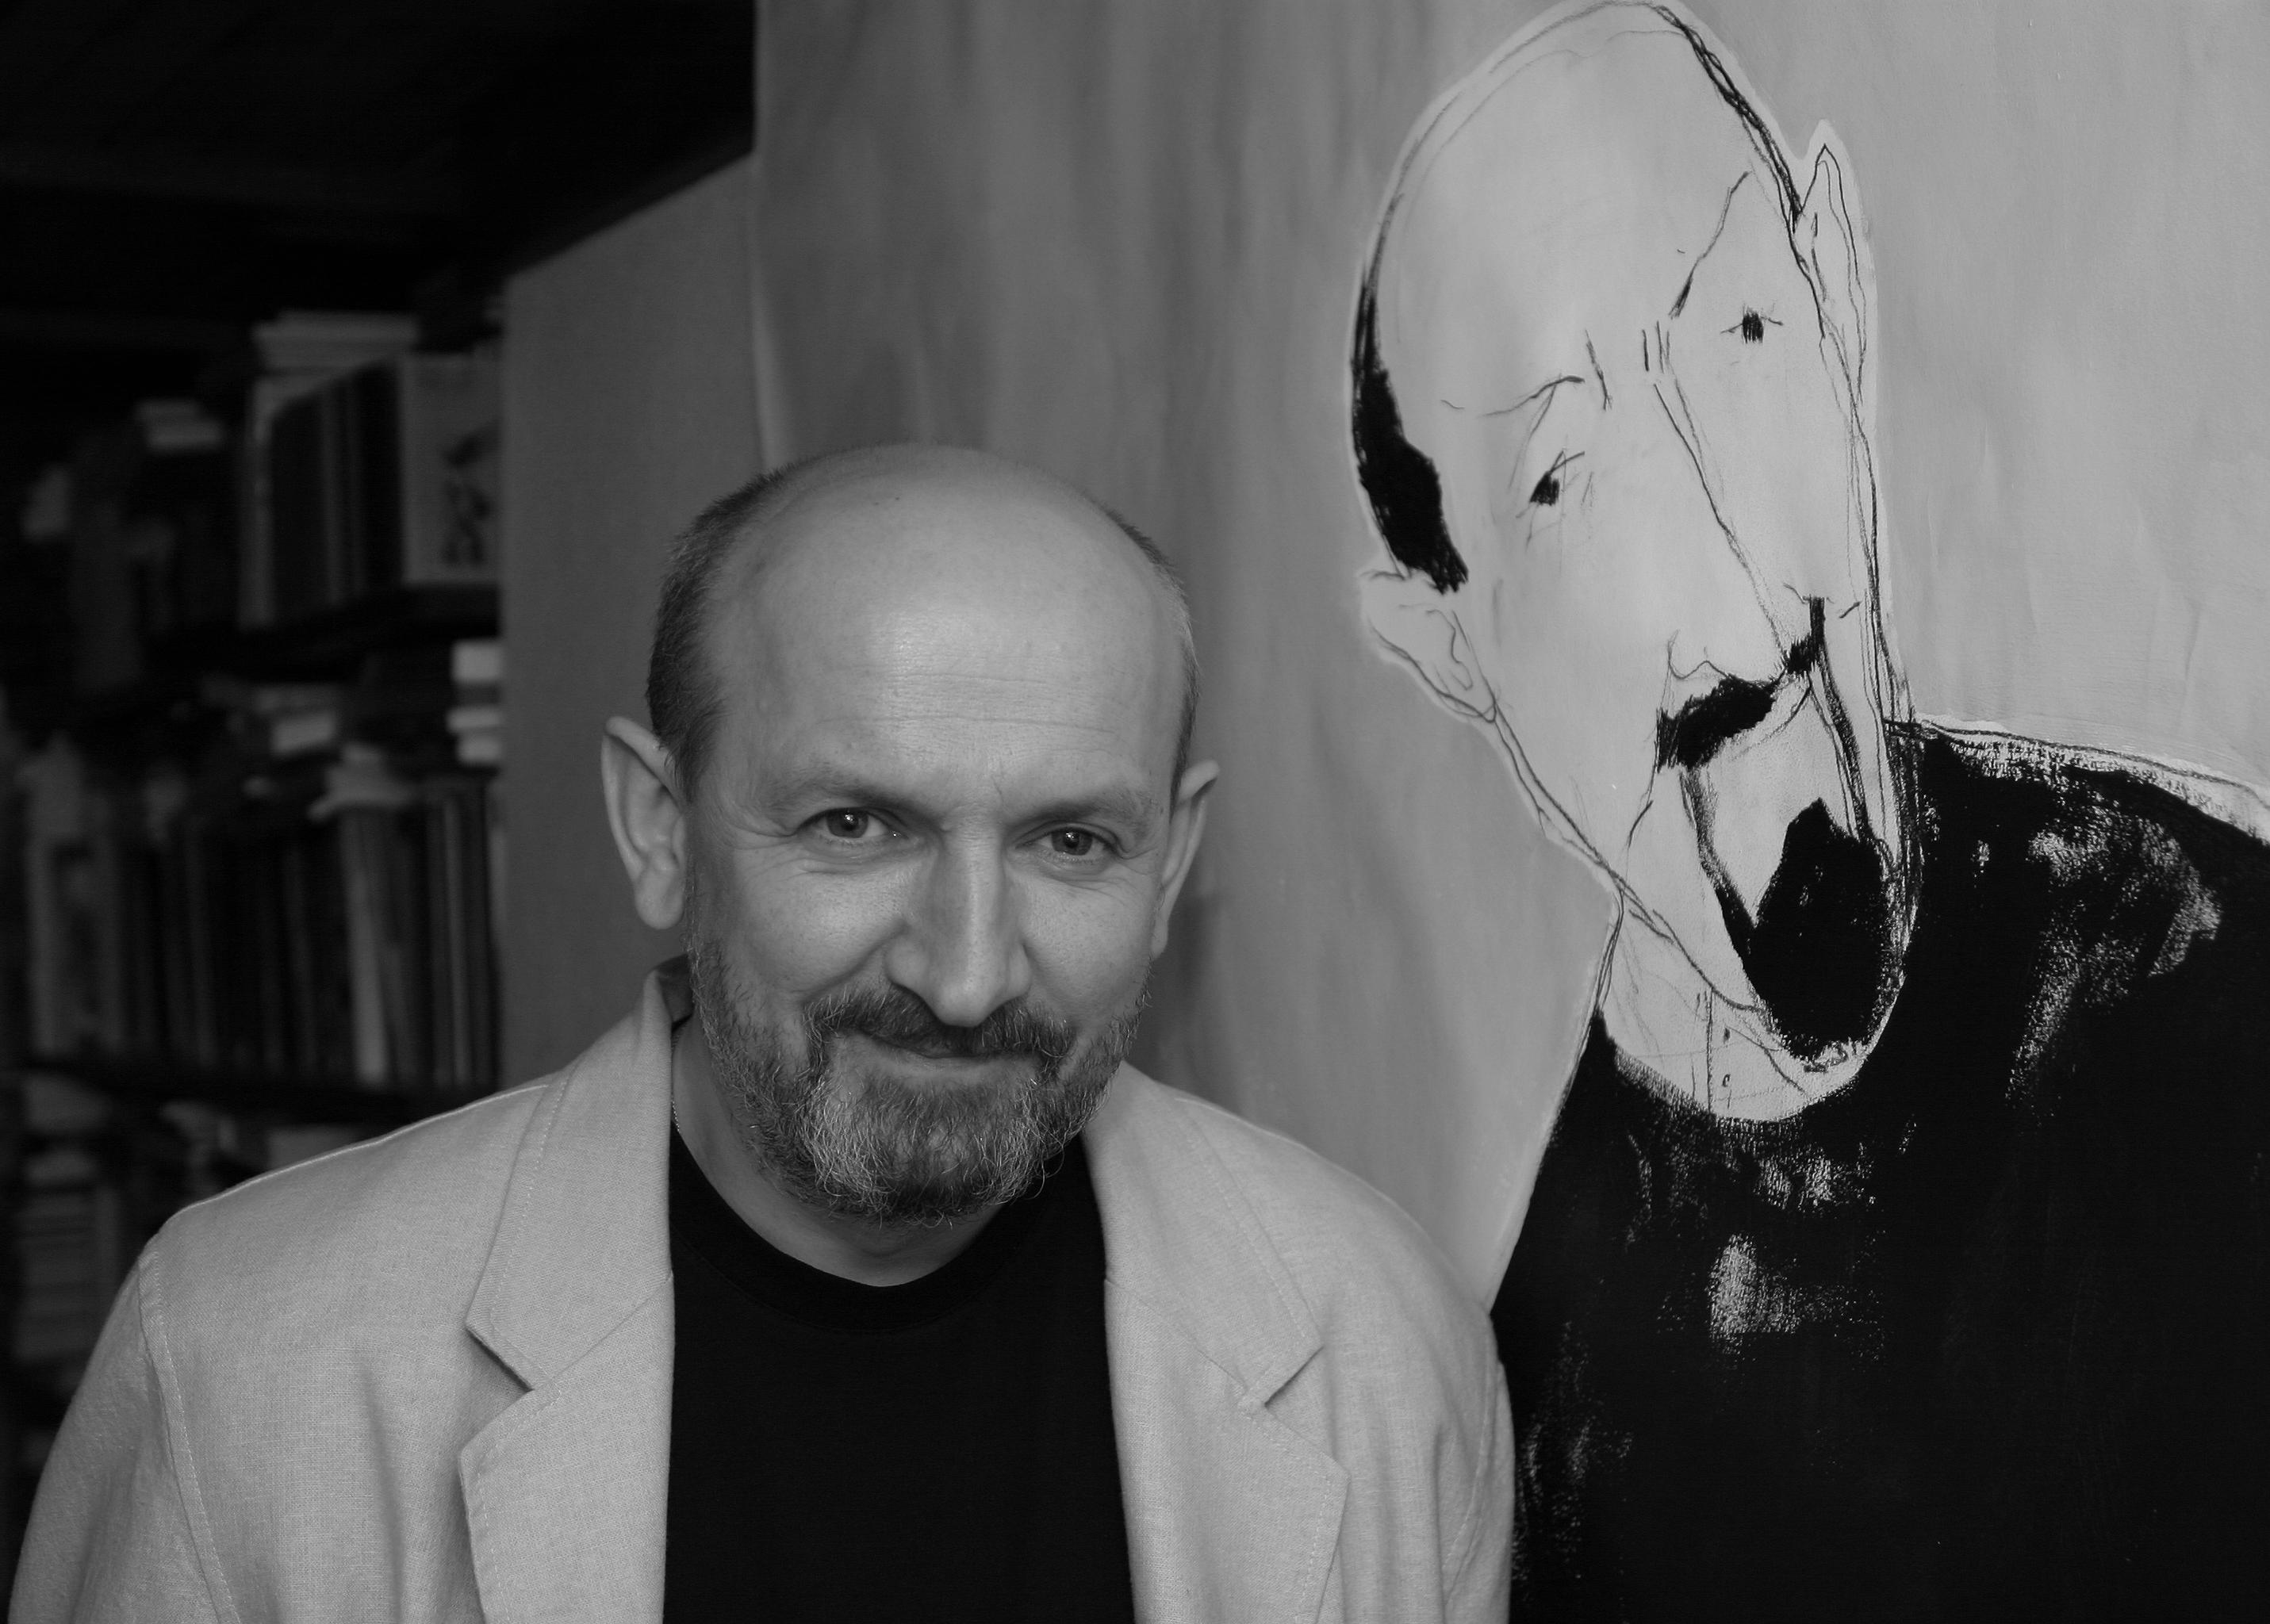 Przyjaźń wśród współczesnych polskich poetów – poetyckie spotkanie z Krzysztofem Kuczkowskim poetą Toposu